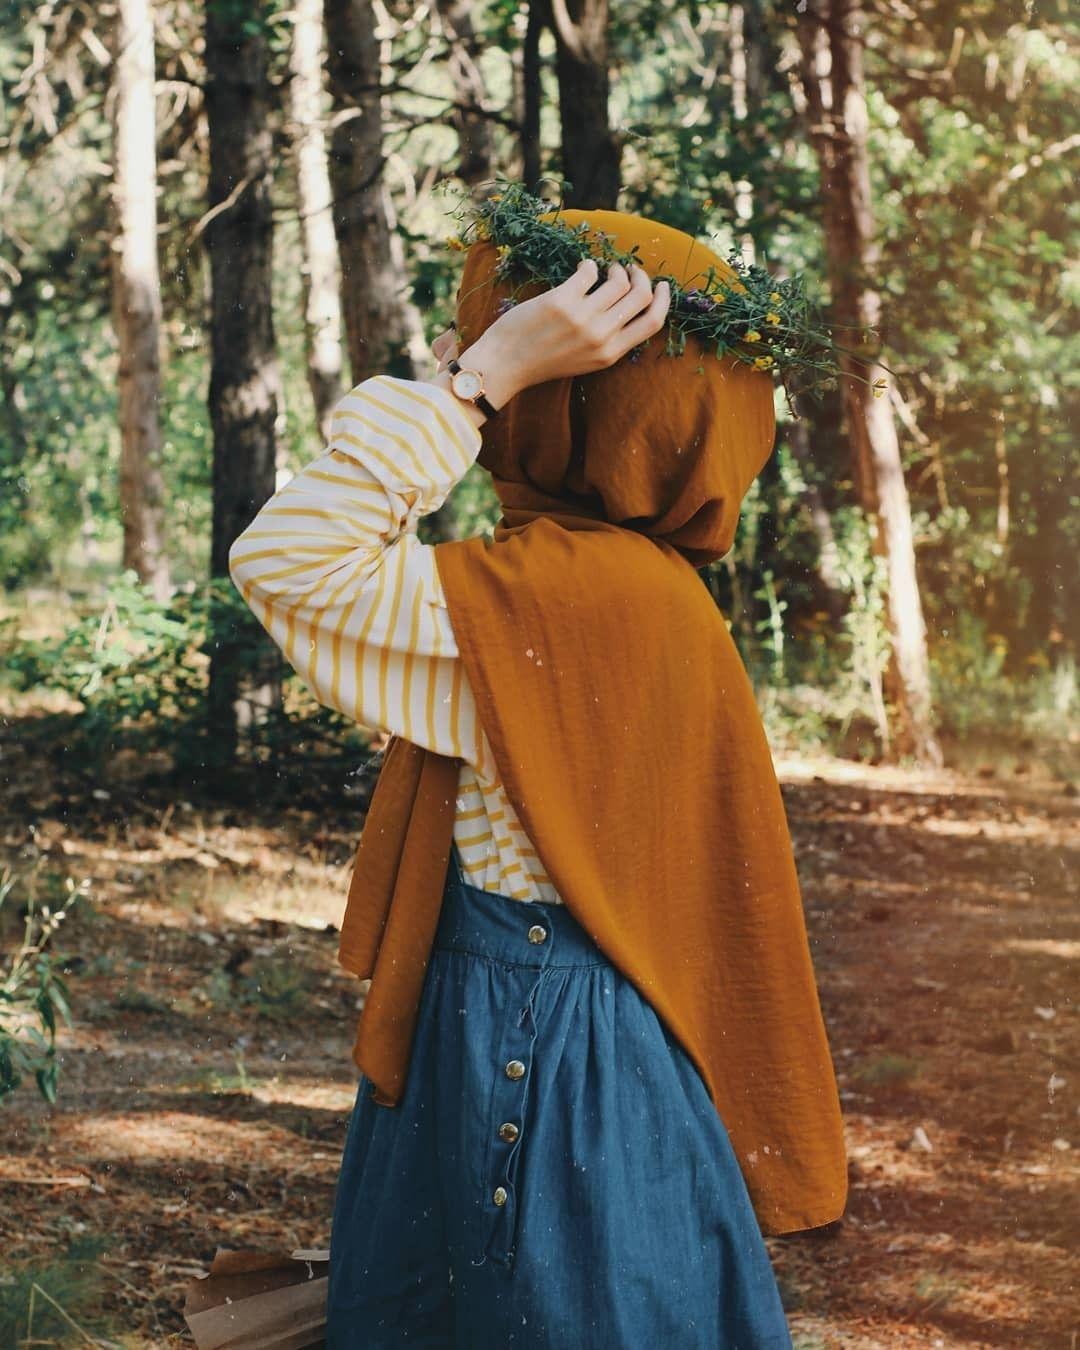 Pin Oleh Hemsaali Di Kapali Kiz Model Pakaian Hijab Fotografi Model Pakaian Model Pakaian